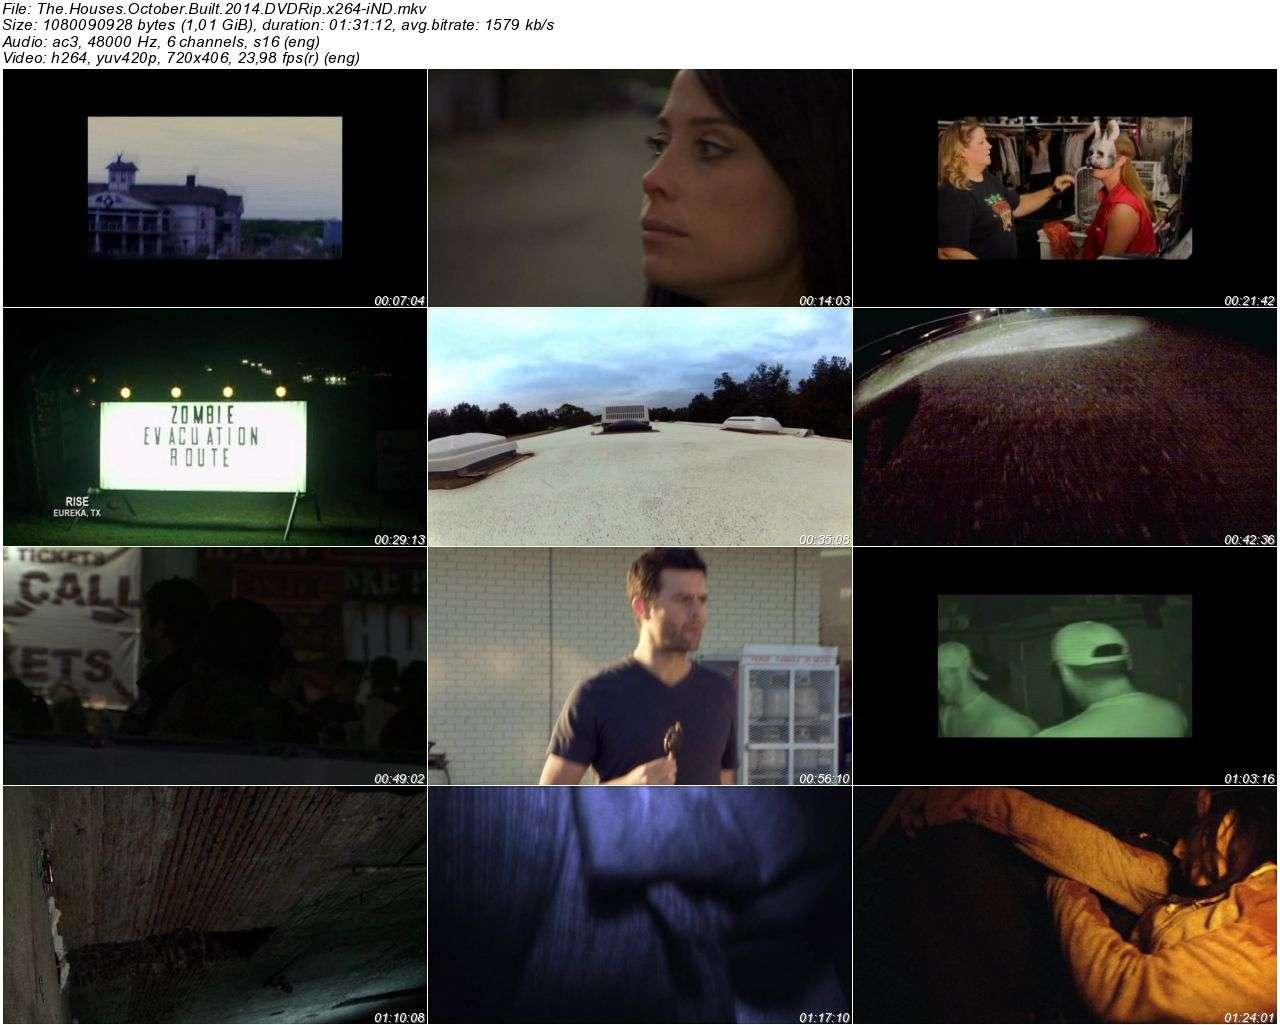 The Houses October Built - 2014 DVDRip x264 - Türkçe Altyazılı Tek Link indir